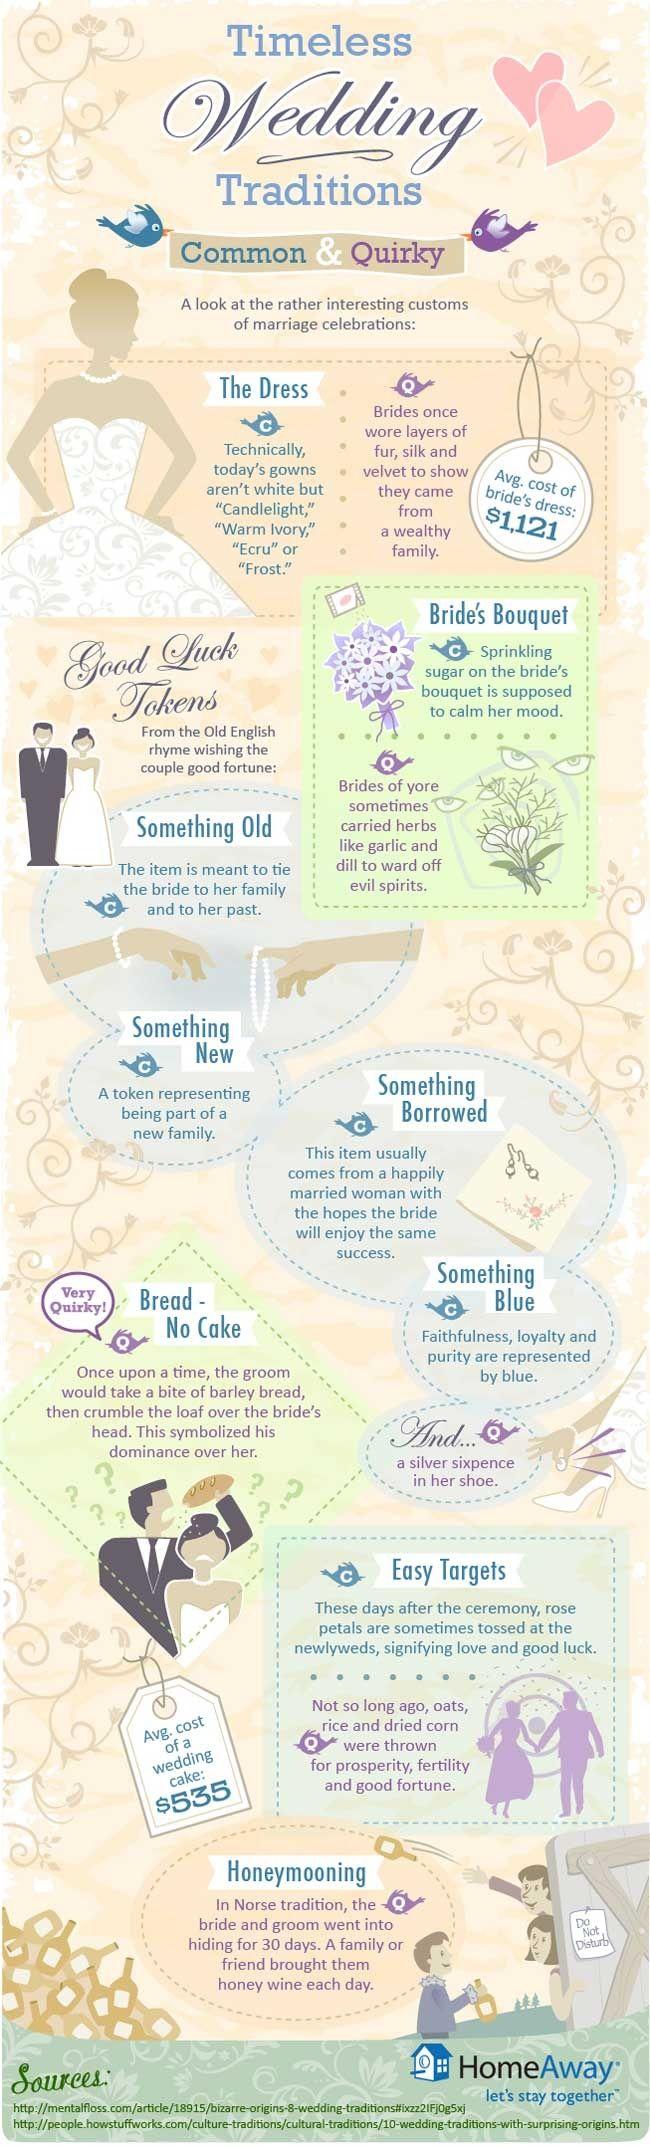 Infographic Trouw tradities die tijdloos zijn